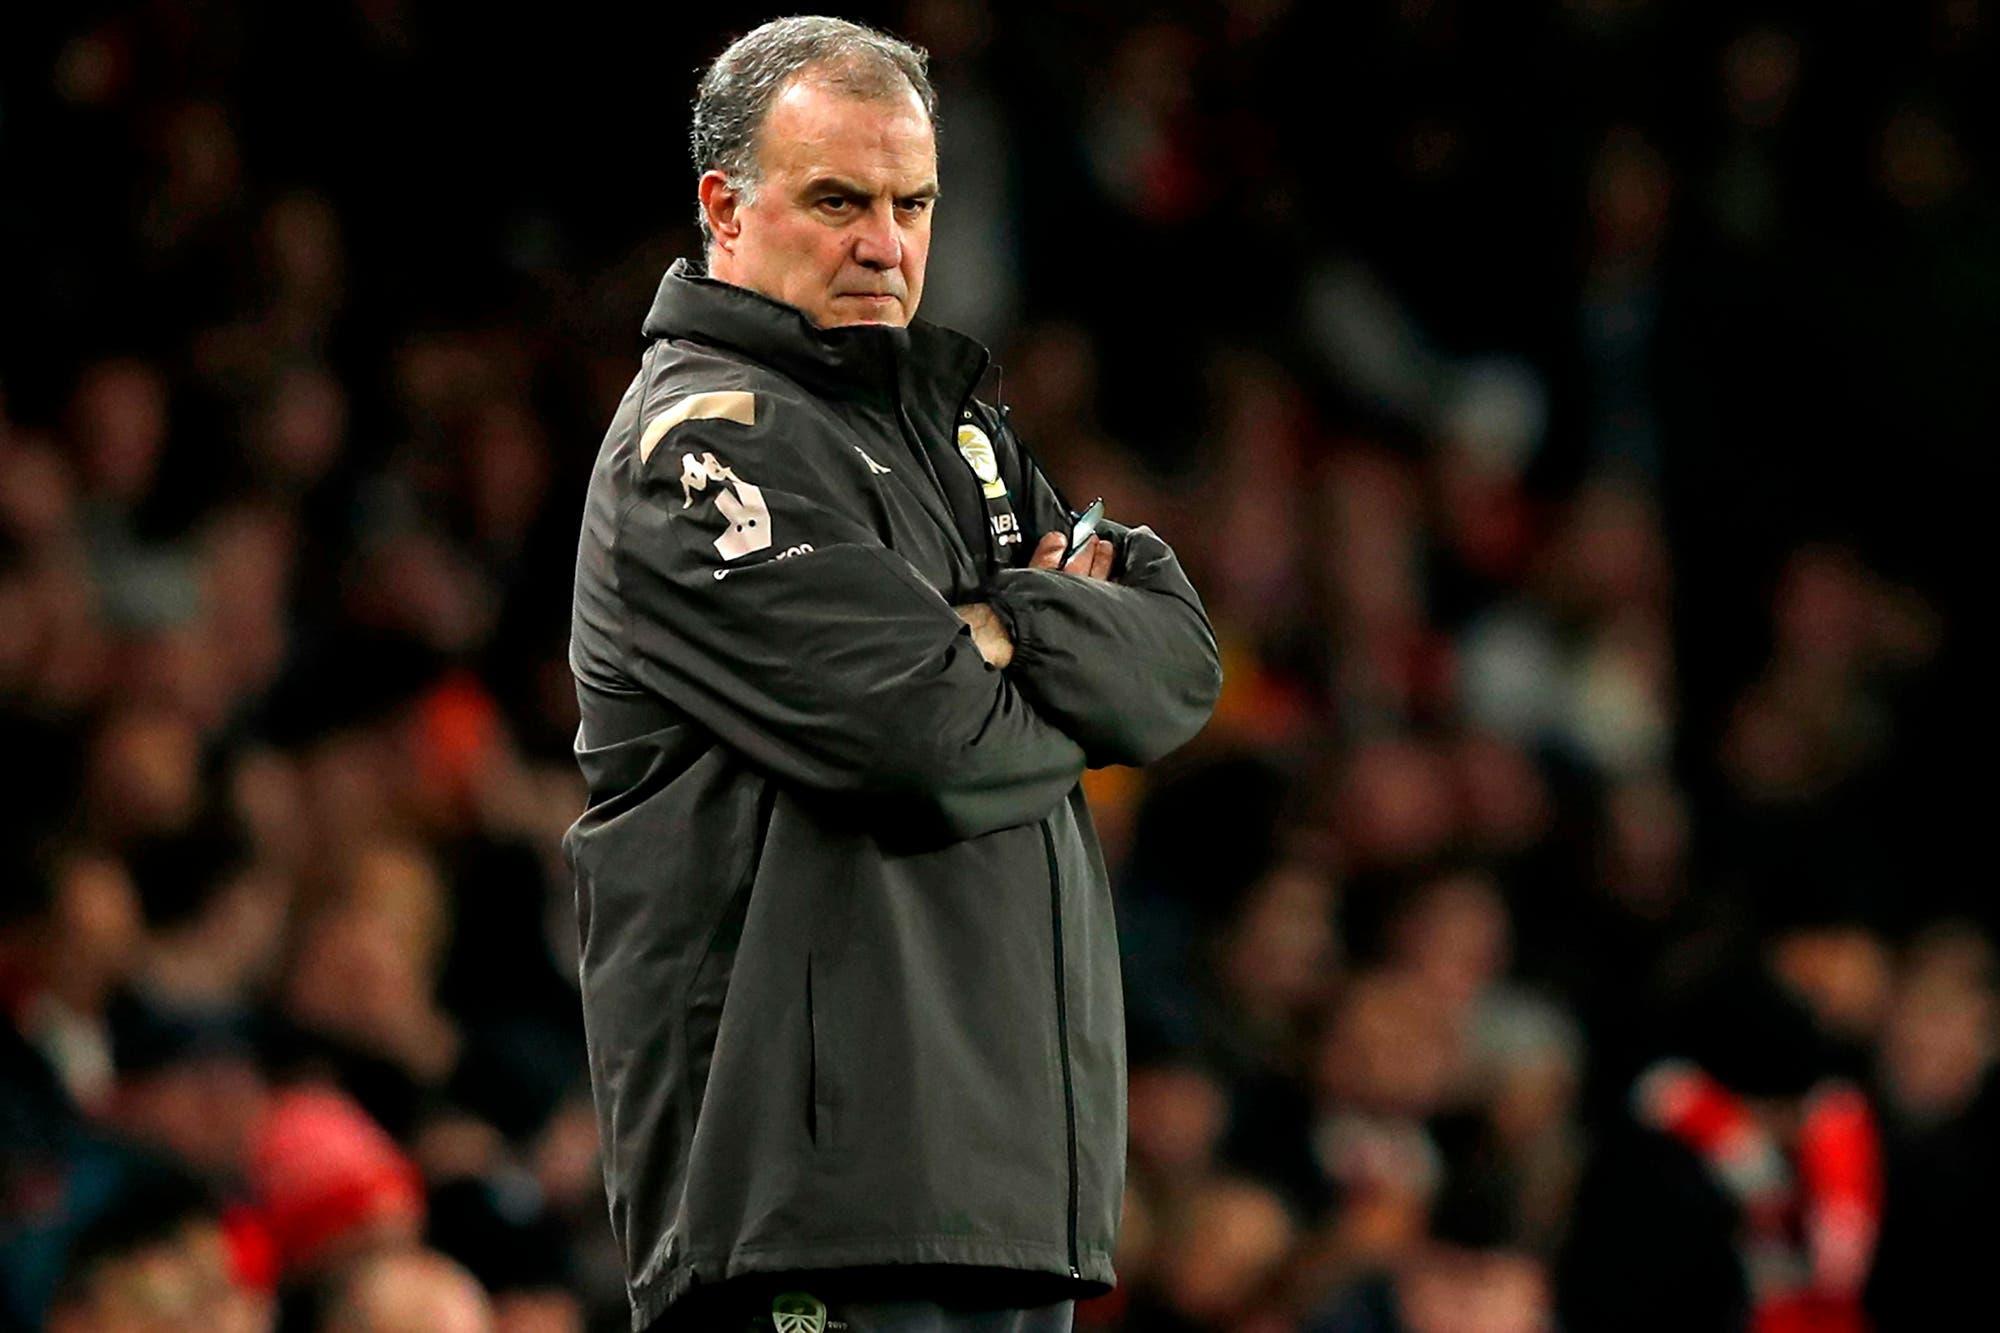 El Leeds de Bielsa se despidió de la FA Cup con una derrota ante Arsenal